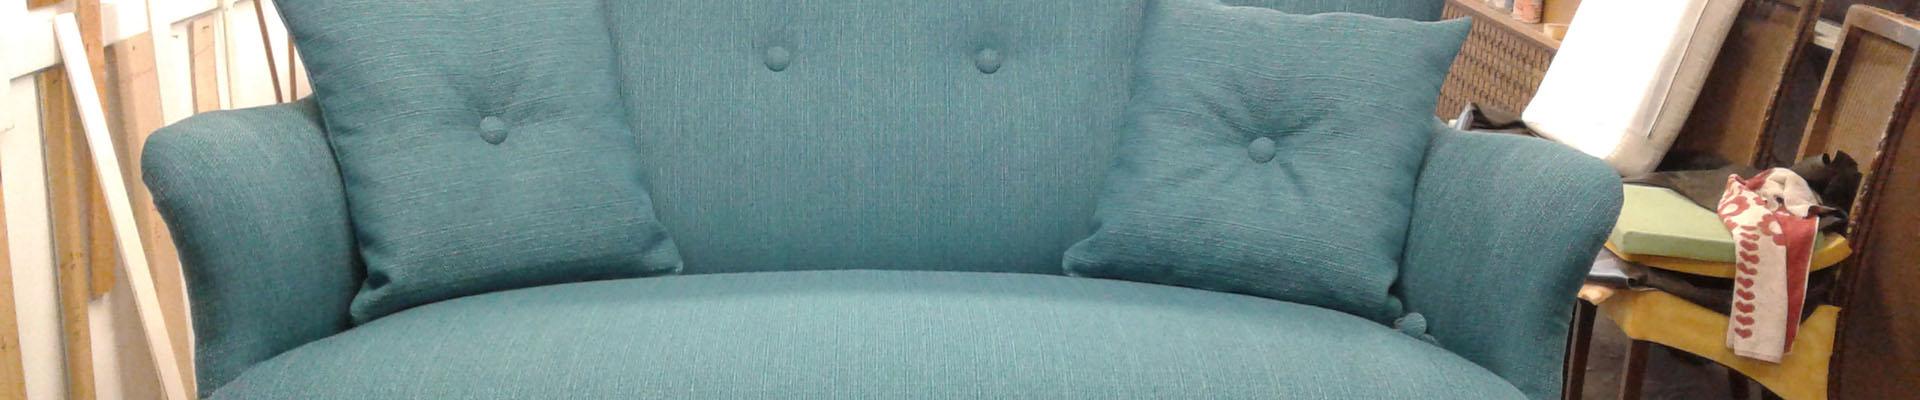 bank-meubelstoffeerderij-op-en-nij